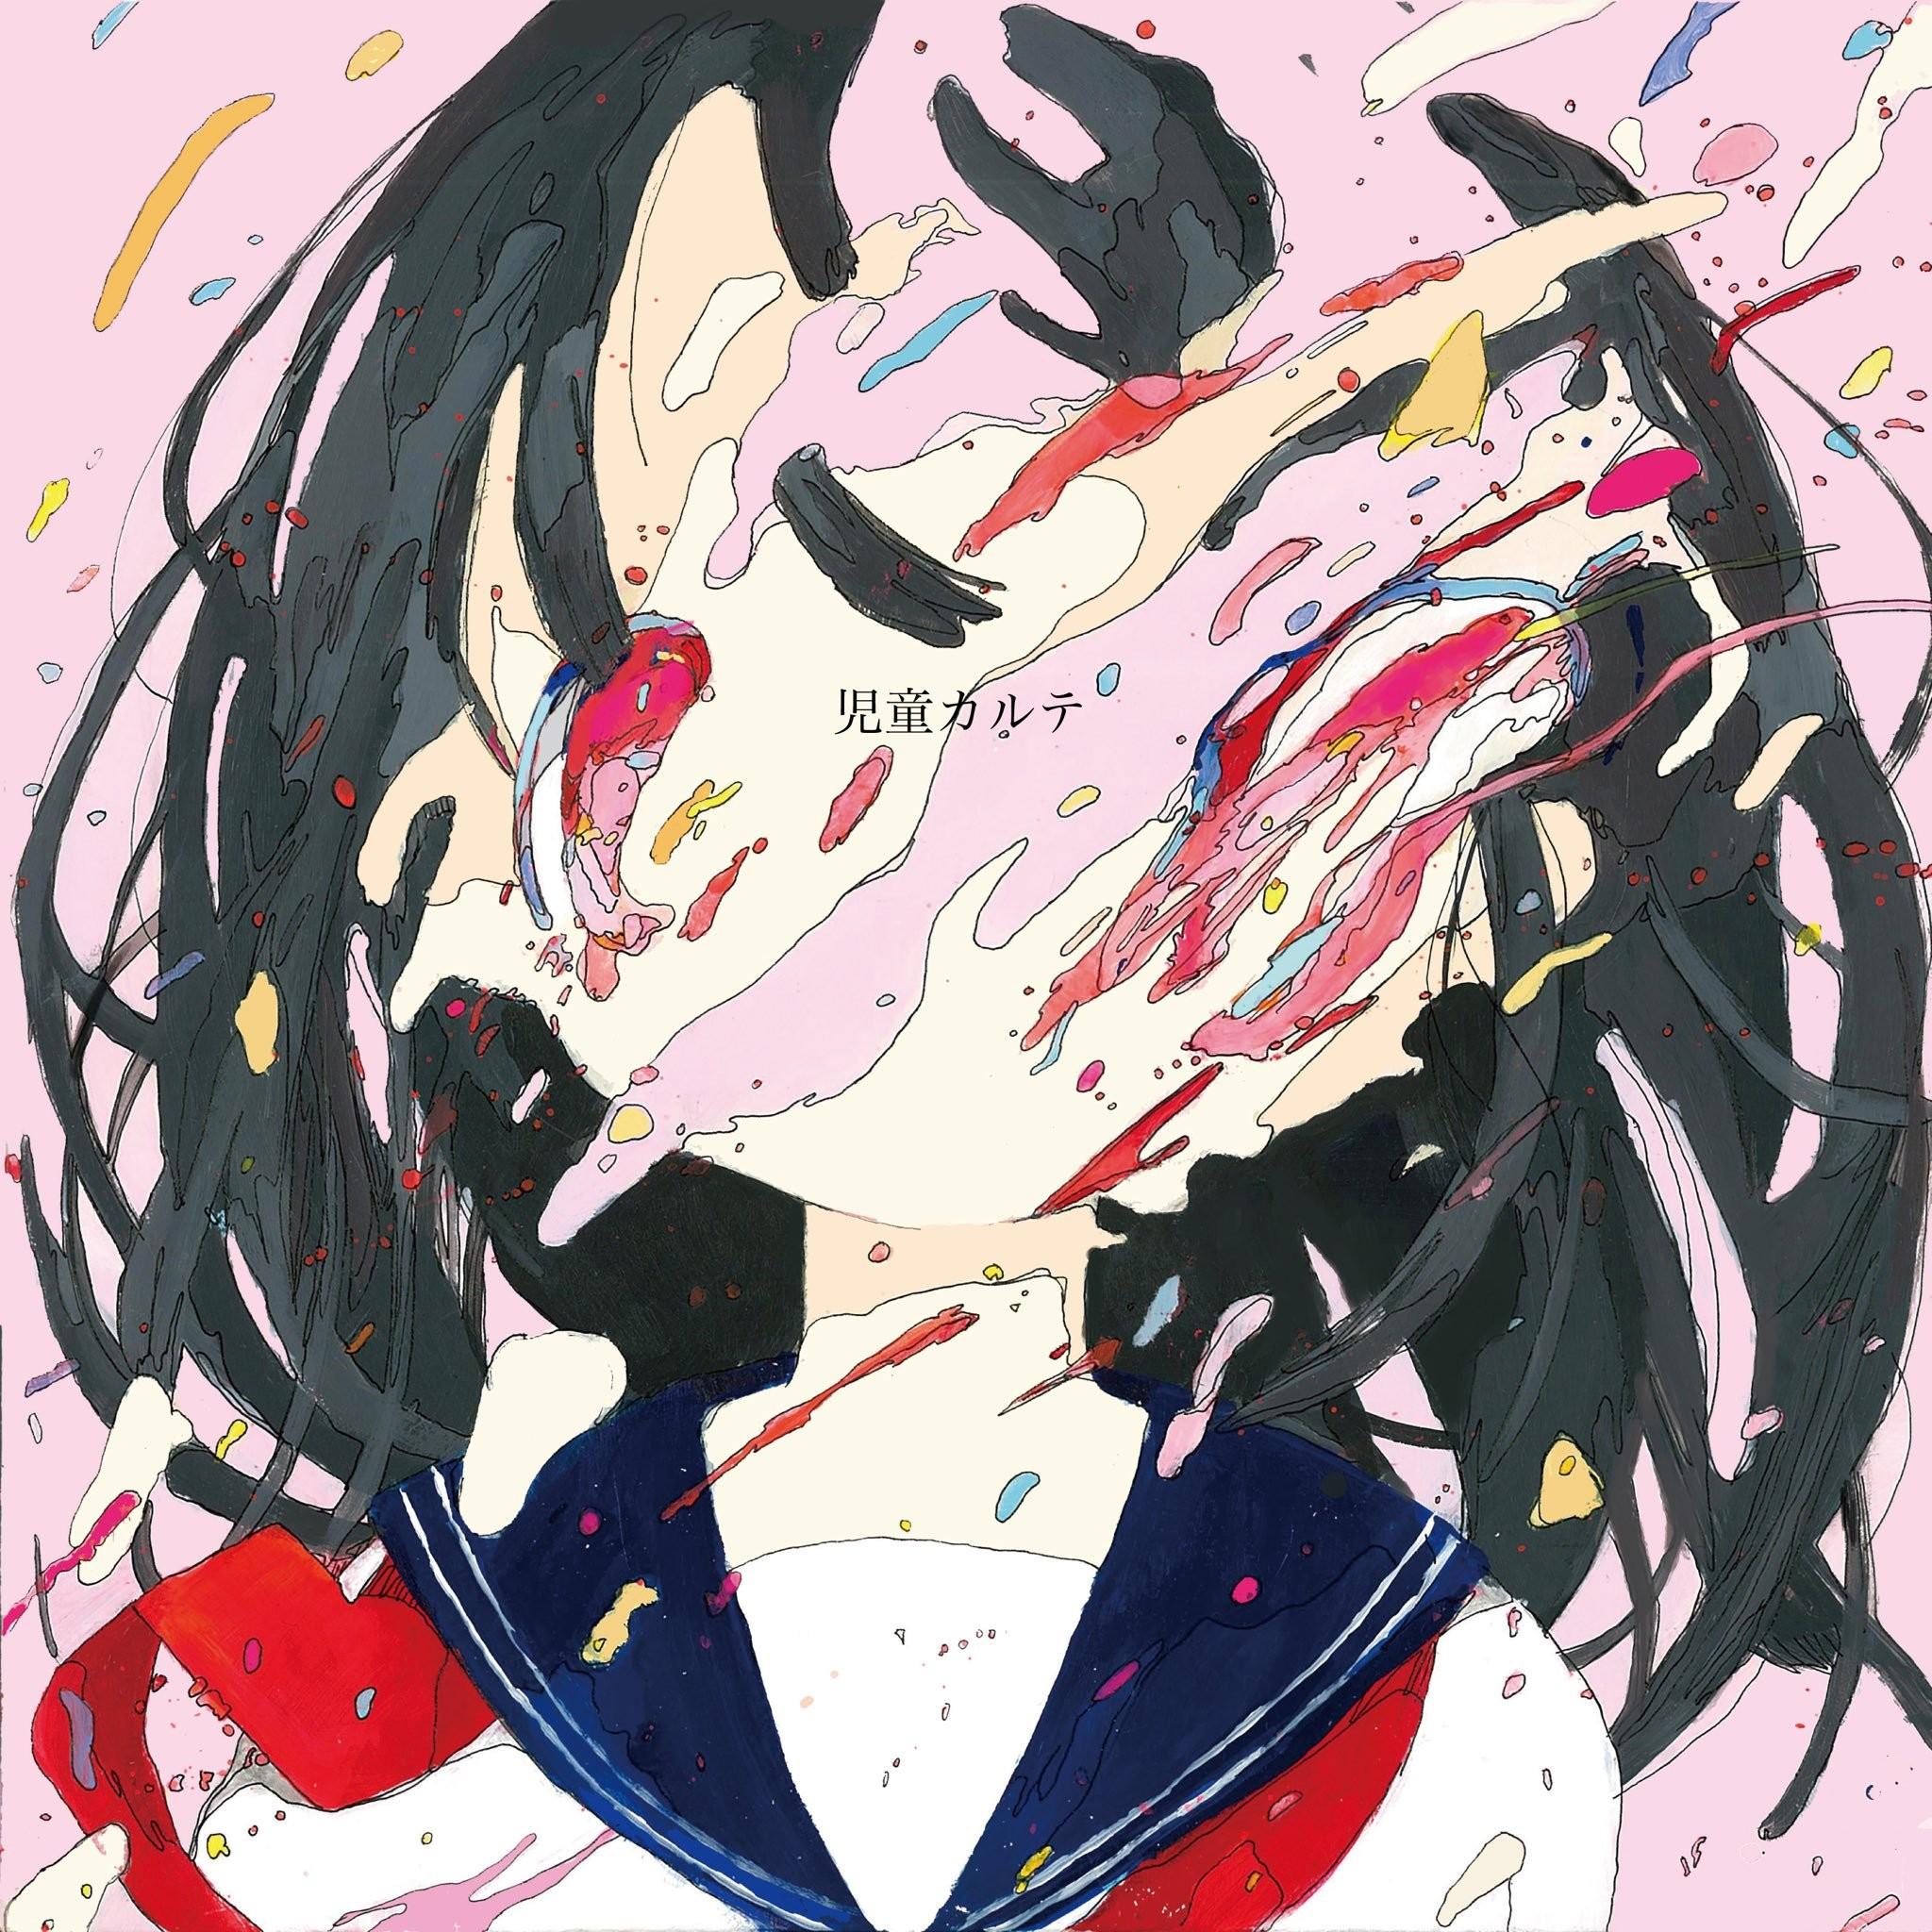 神聖かまってちゃん (Shinsei Kamattechan) – 児童カルテ [FLAC + AAC 320 / WEB] [2019.11.01]